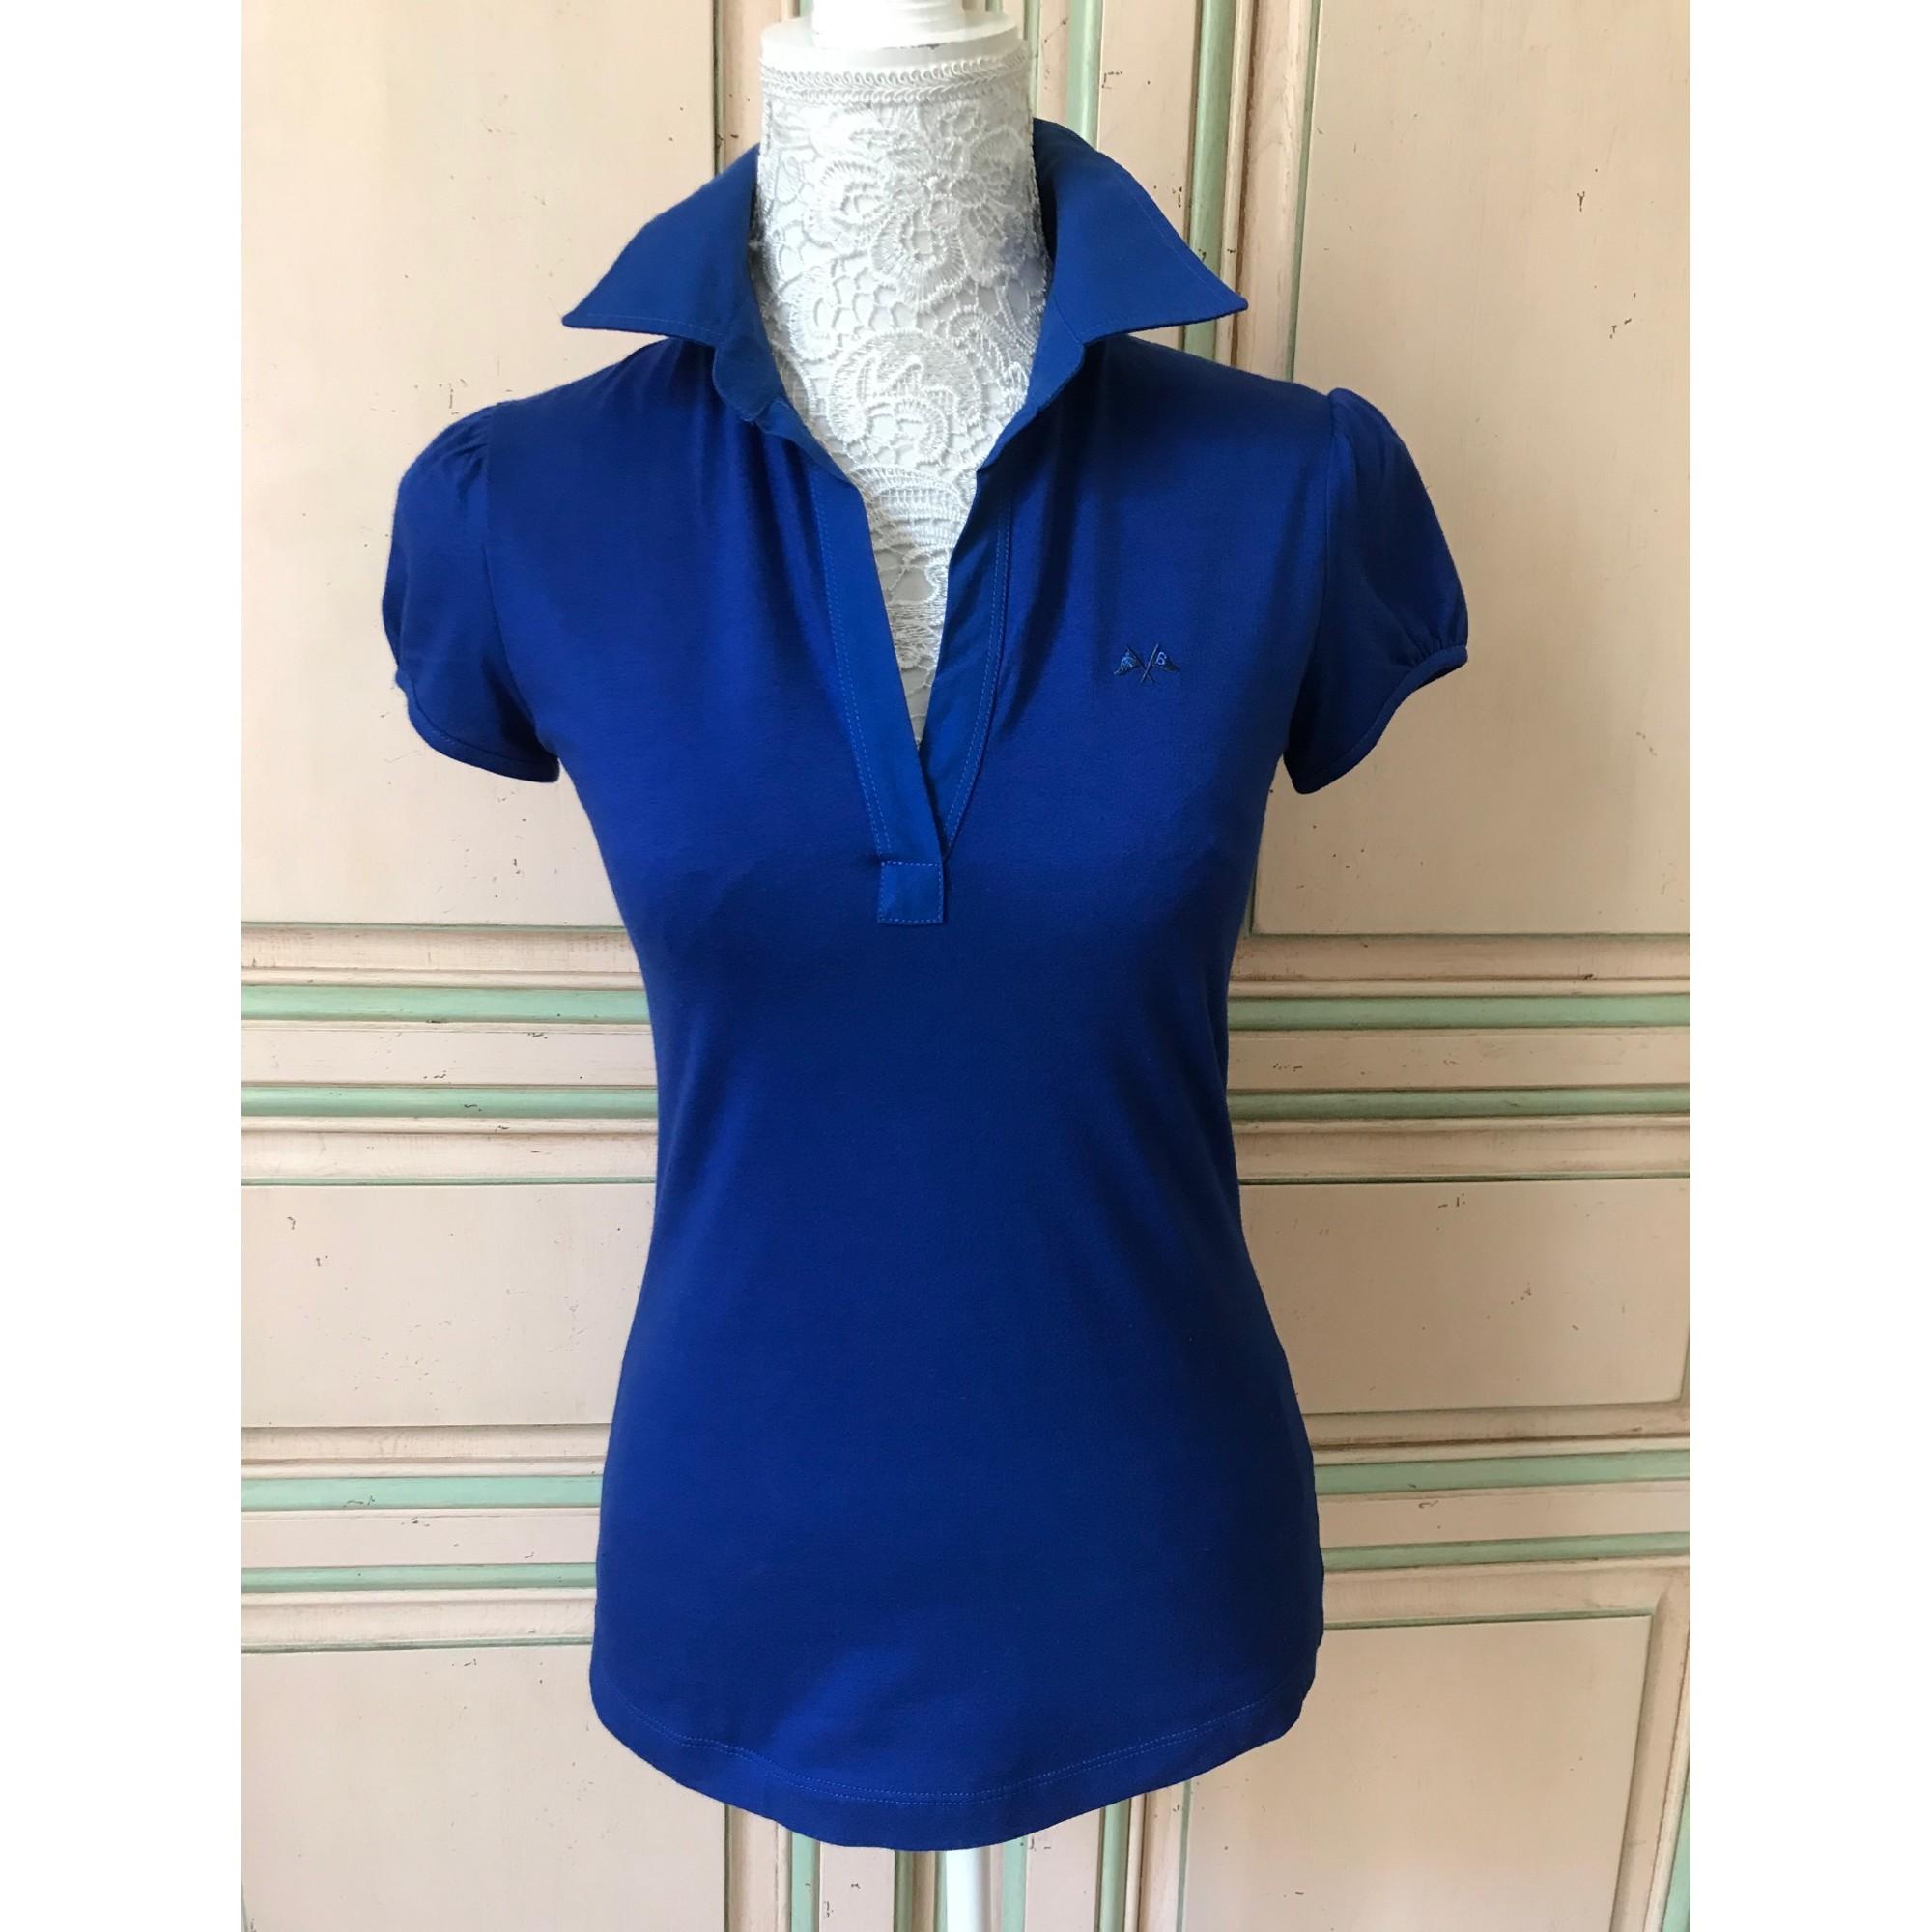 Polo THOMAS BURBERRY Bleu, bleu marine, bleu turquoise